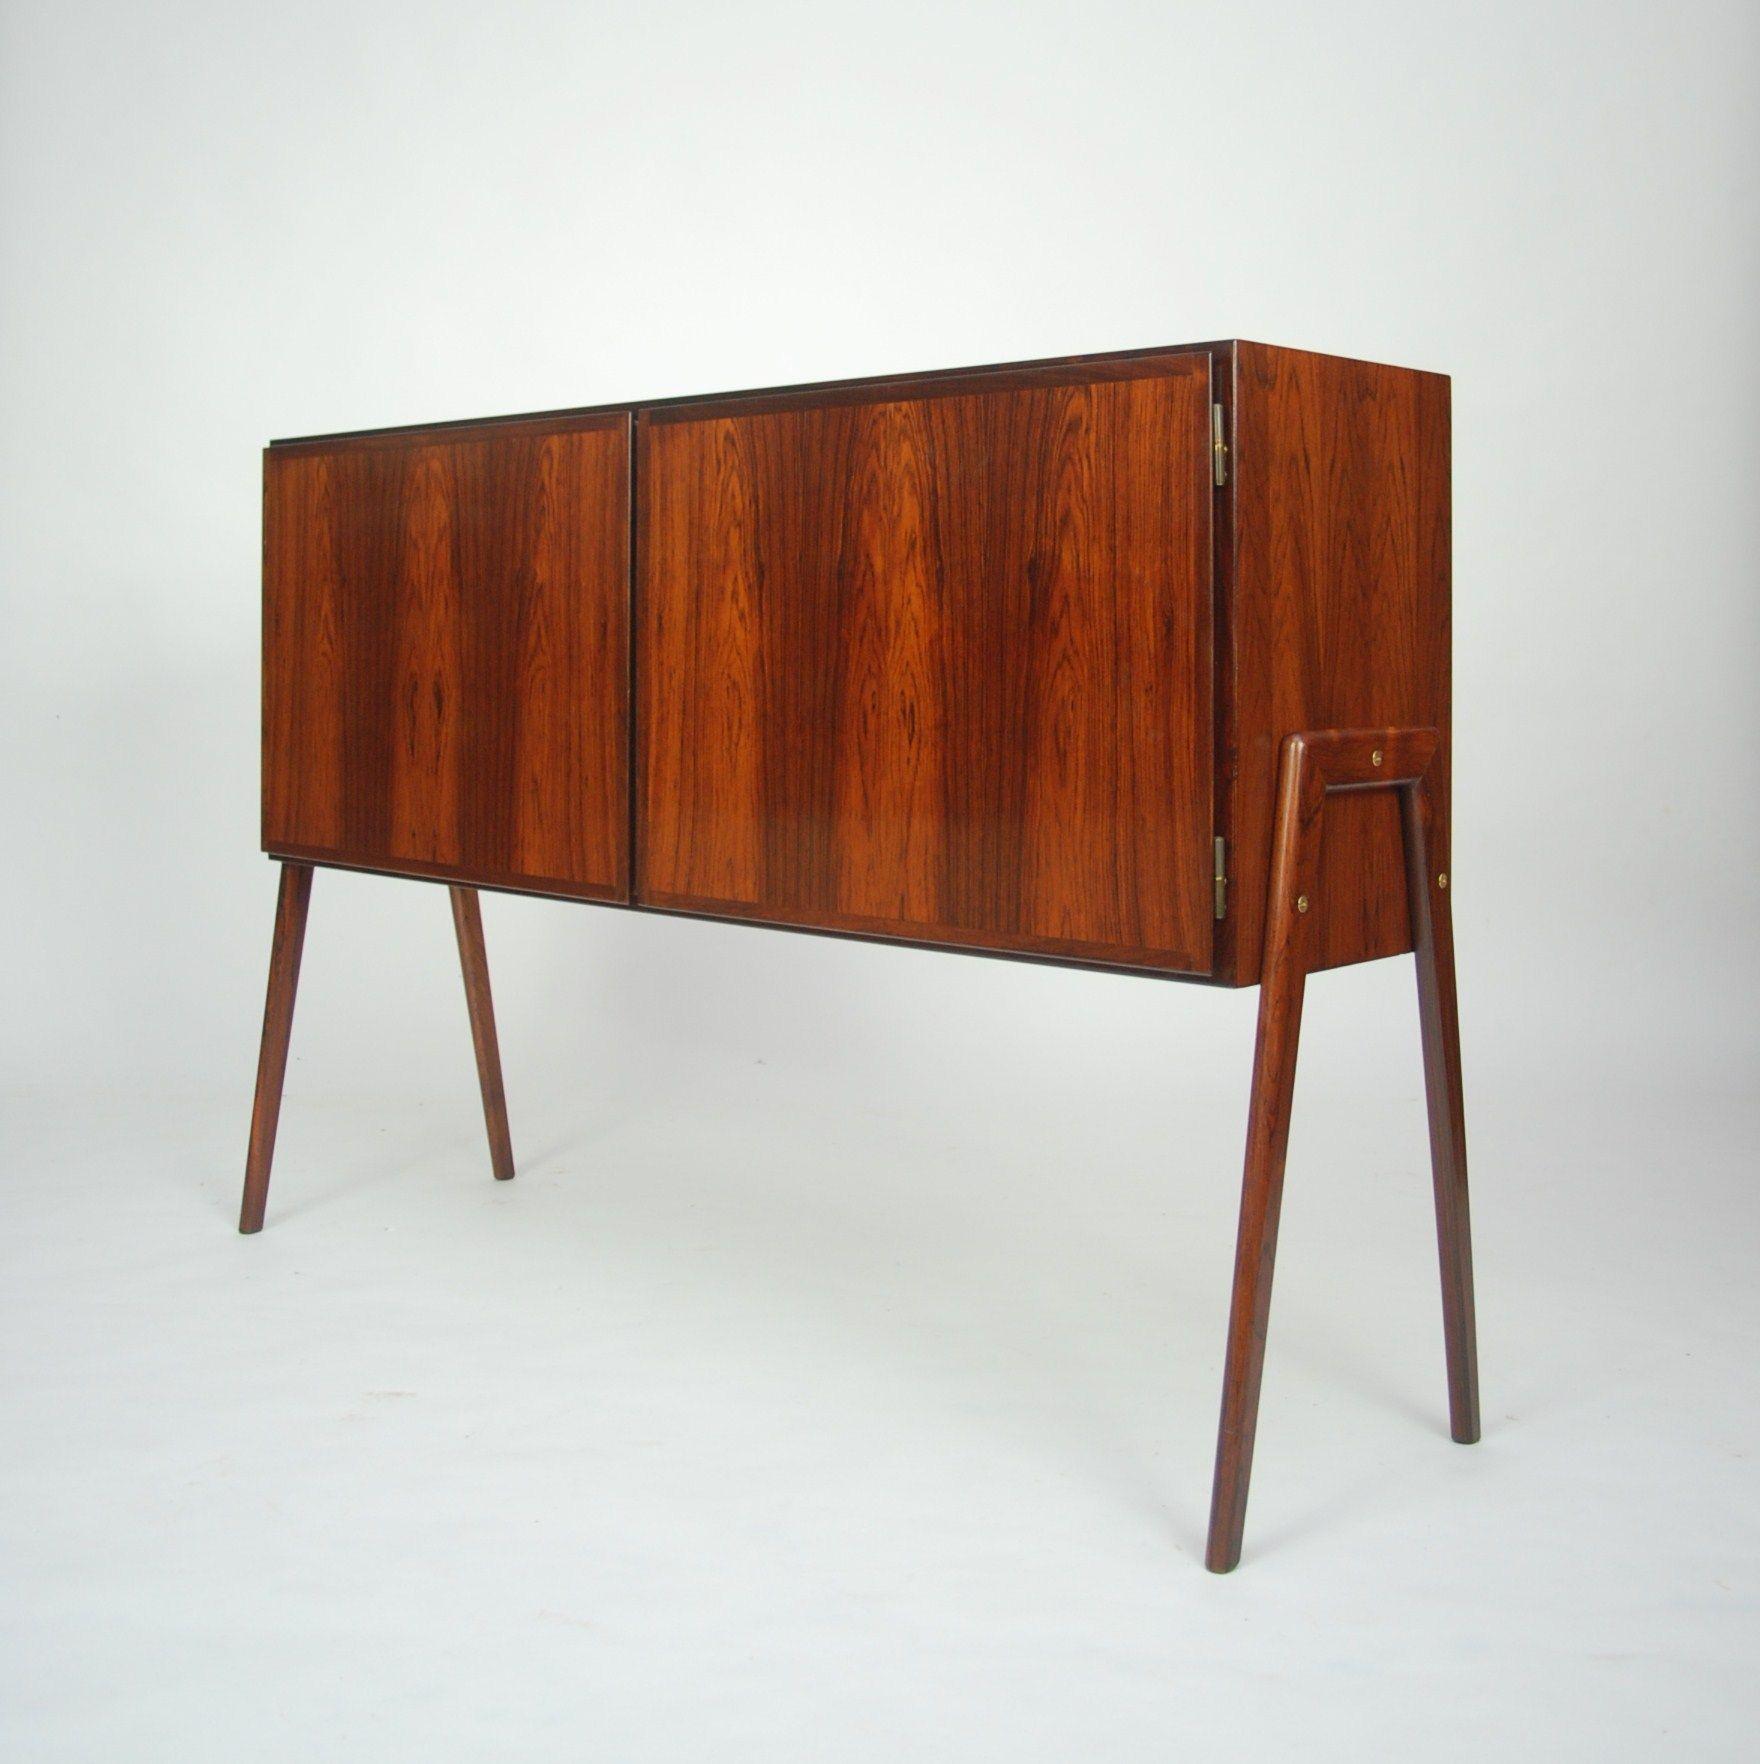 Lauritz Moderna bord och stolar Giancarlo Piretti Castelli 6 st stolar i jakaranda och aluminium 6 SE Helsingborg Garnisonsg